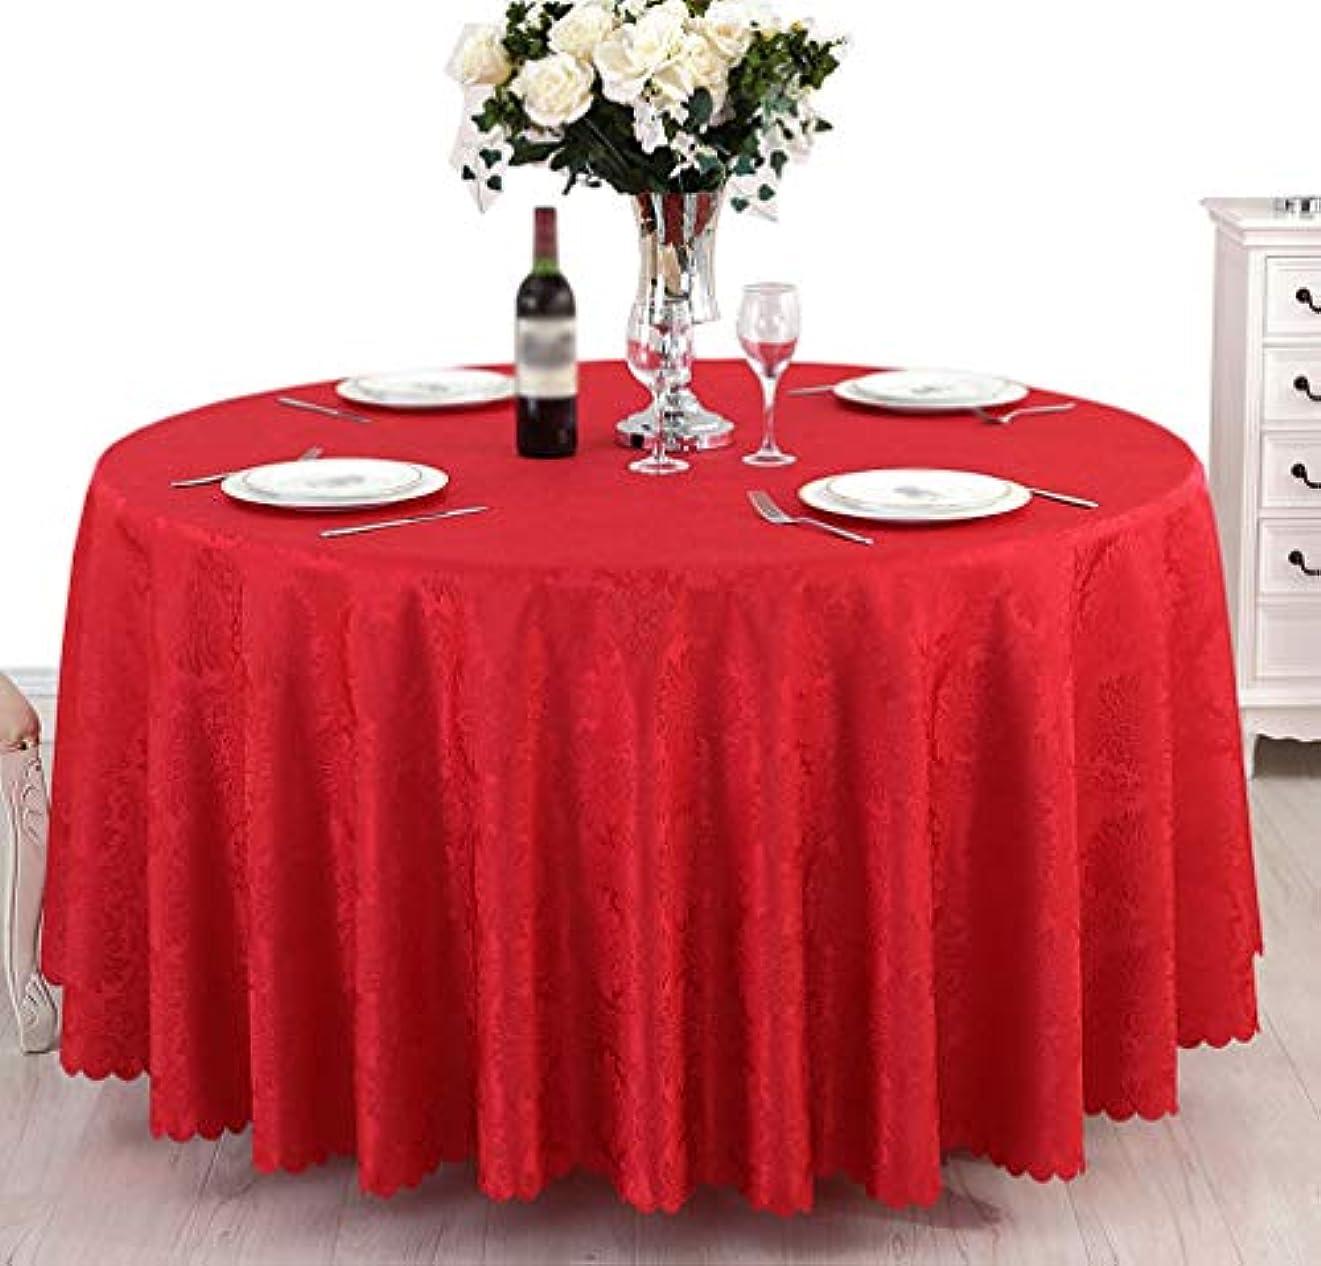 冗談で五月昨日IYHUO テーブルクロス ホテル レストラン ティーテーブ クロス 食卓カバー ポリエステル 円形 ファッション 洗いがやすい 柔軟性 耐久性